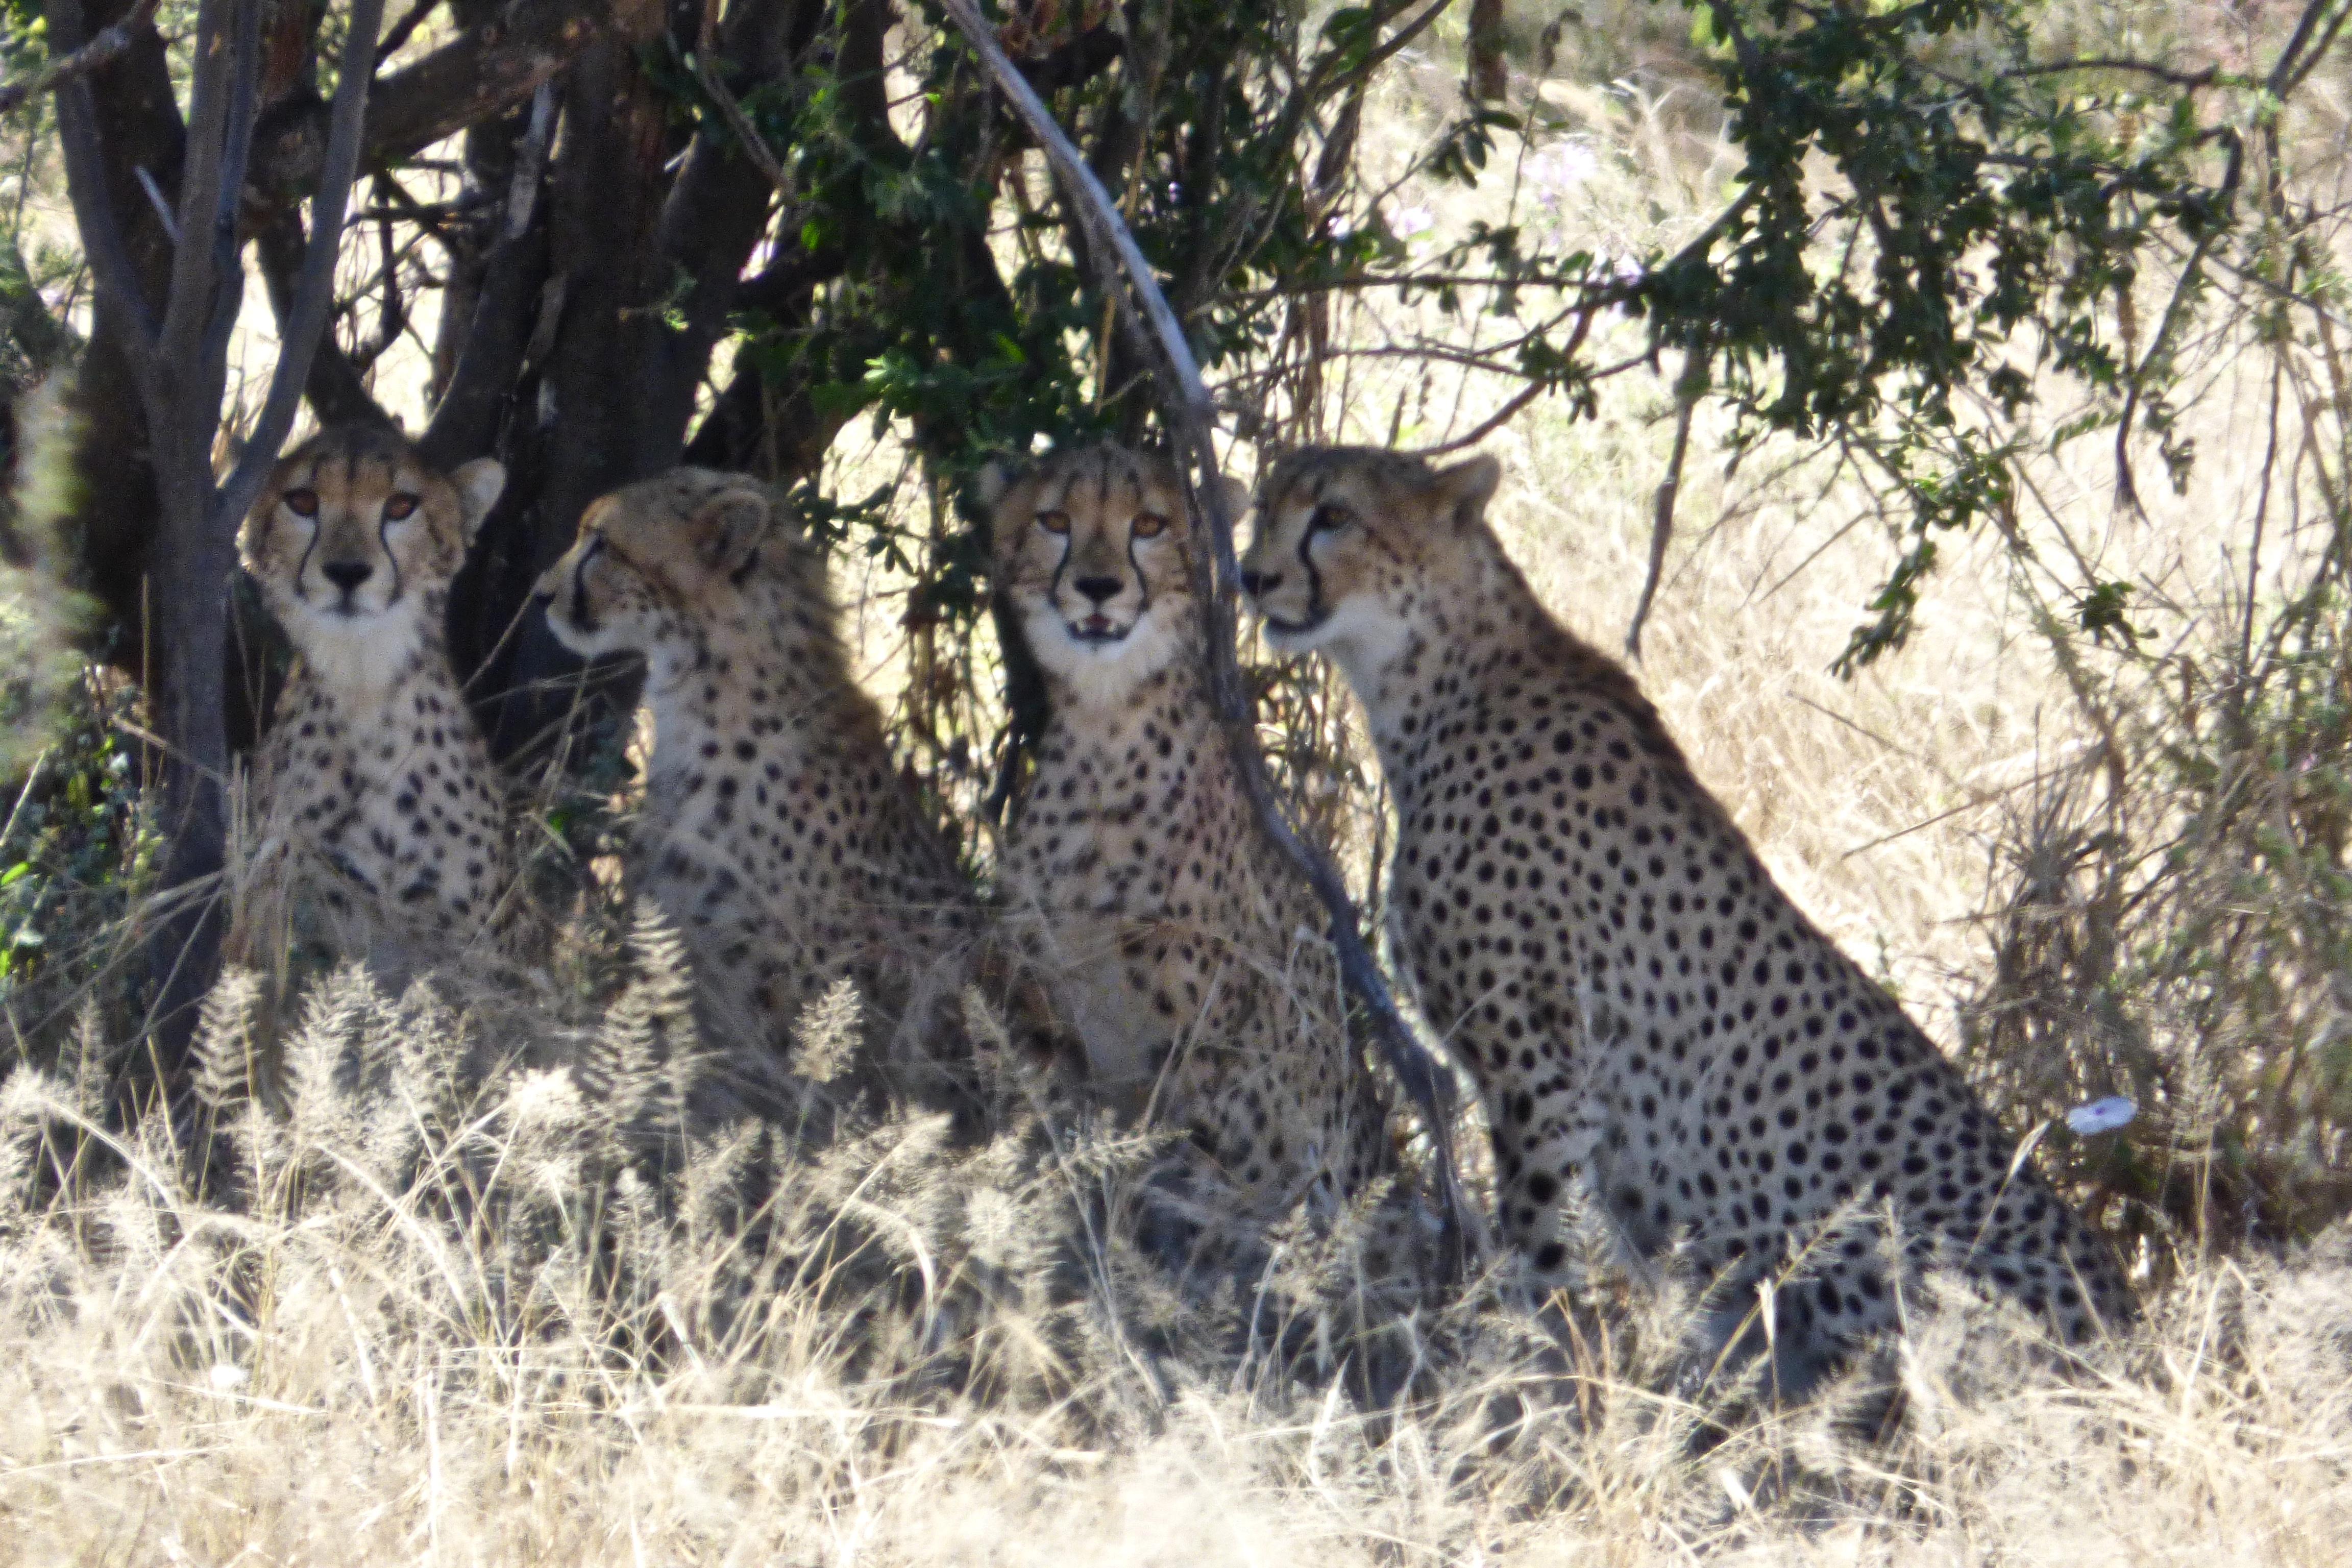 4 Cheetahs